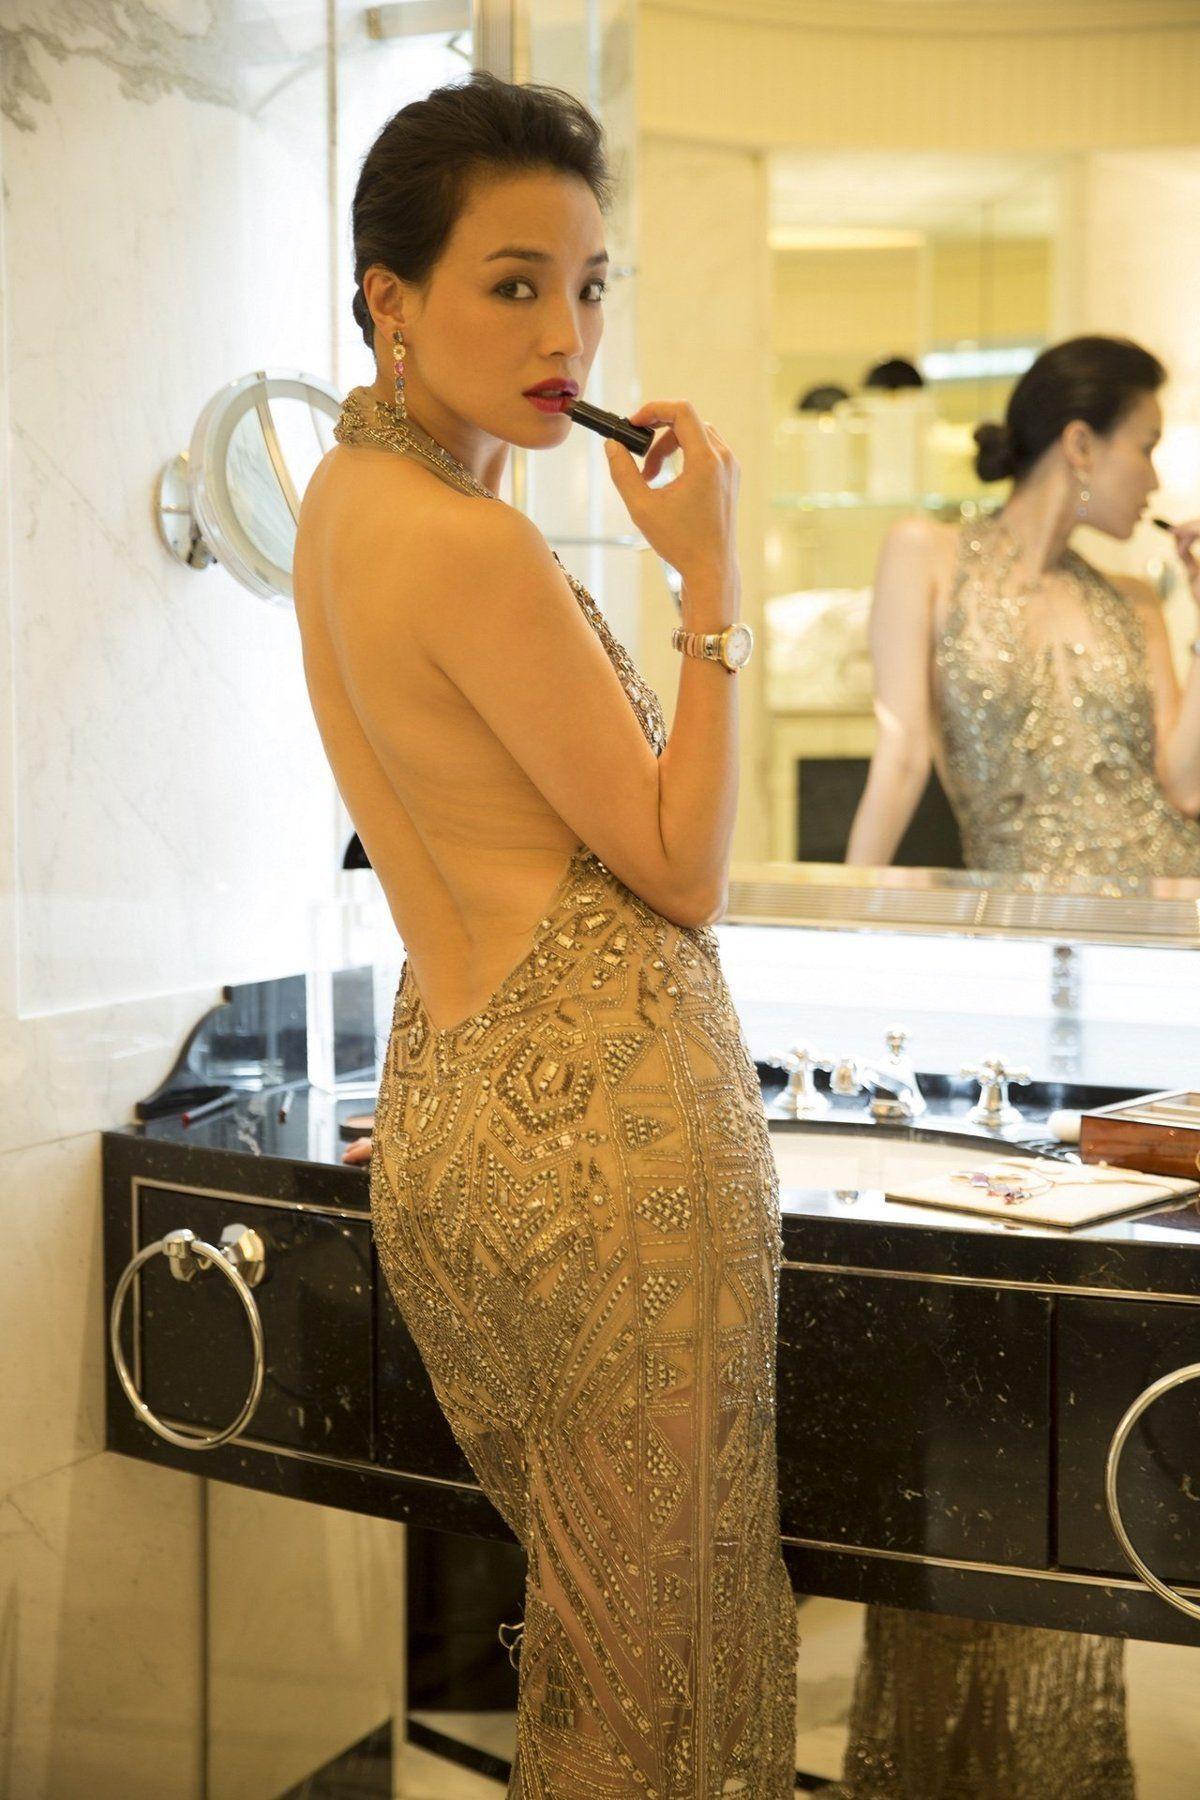 Shu qi 2018 | Fashion, Asian beauty, Fashion magazine